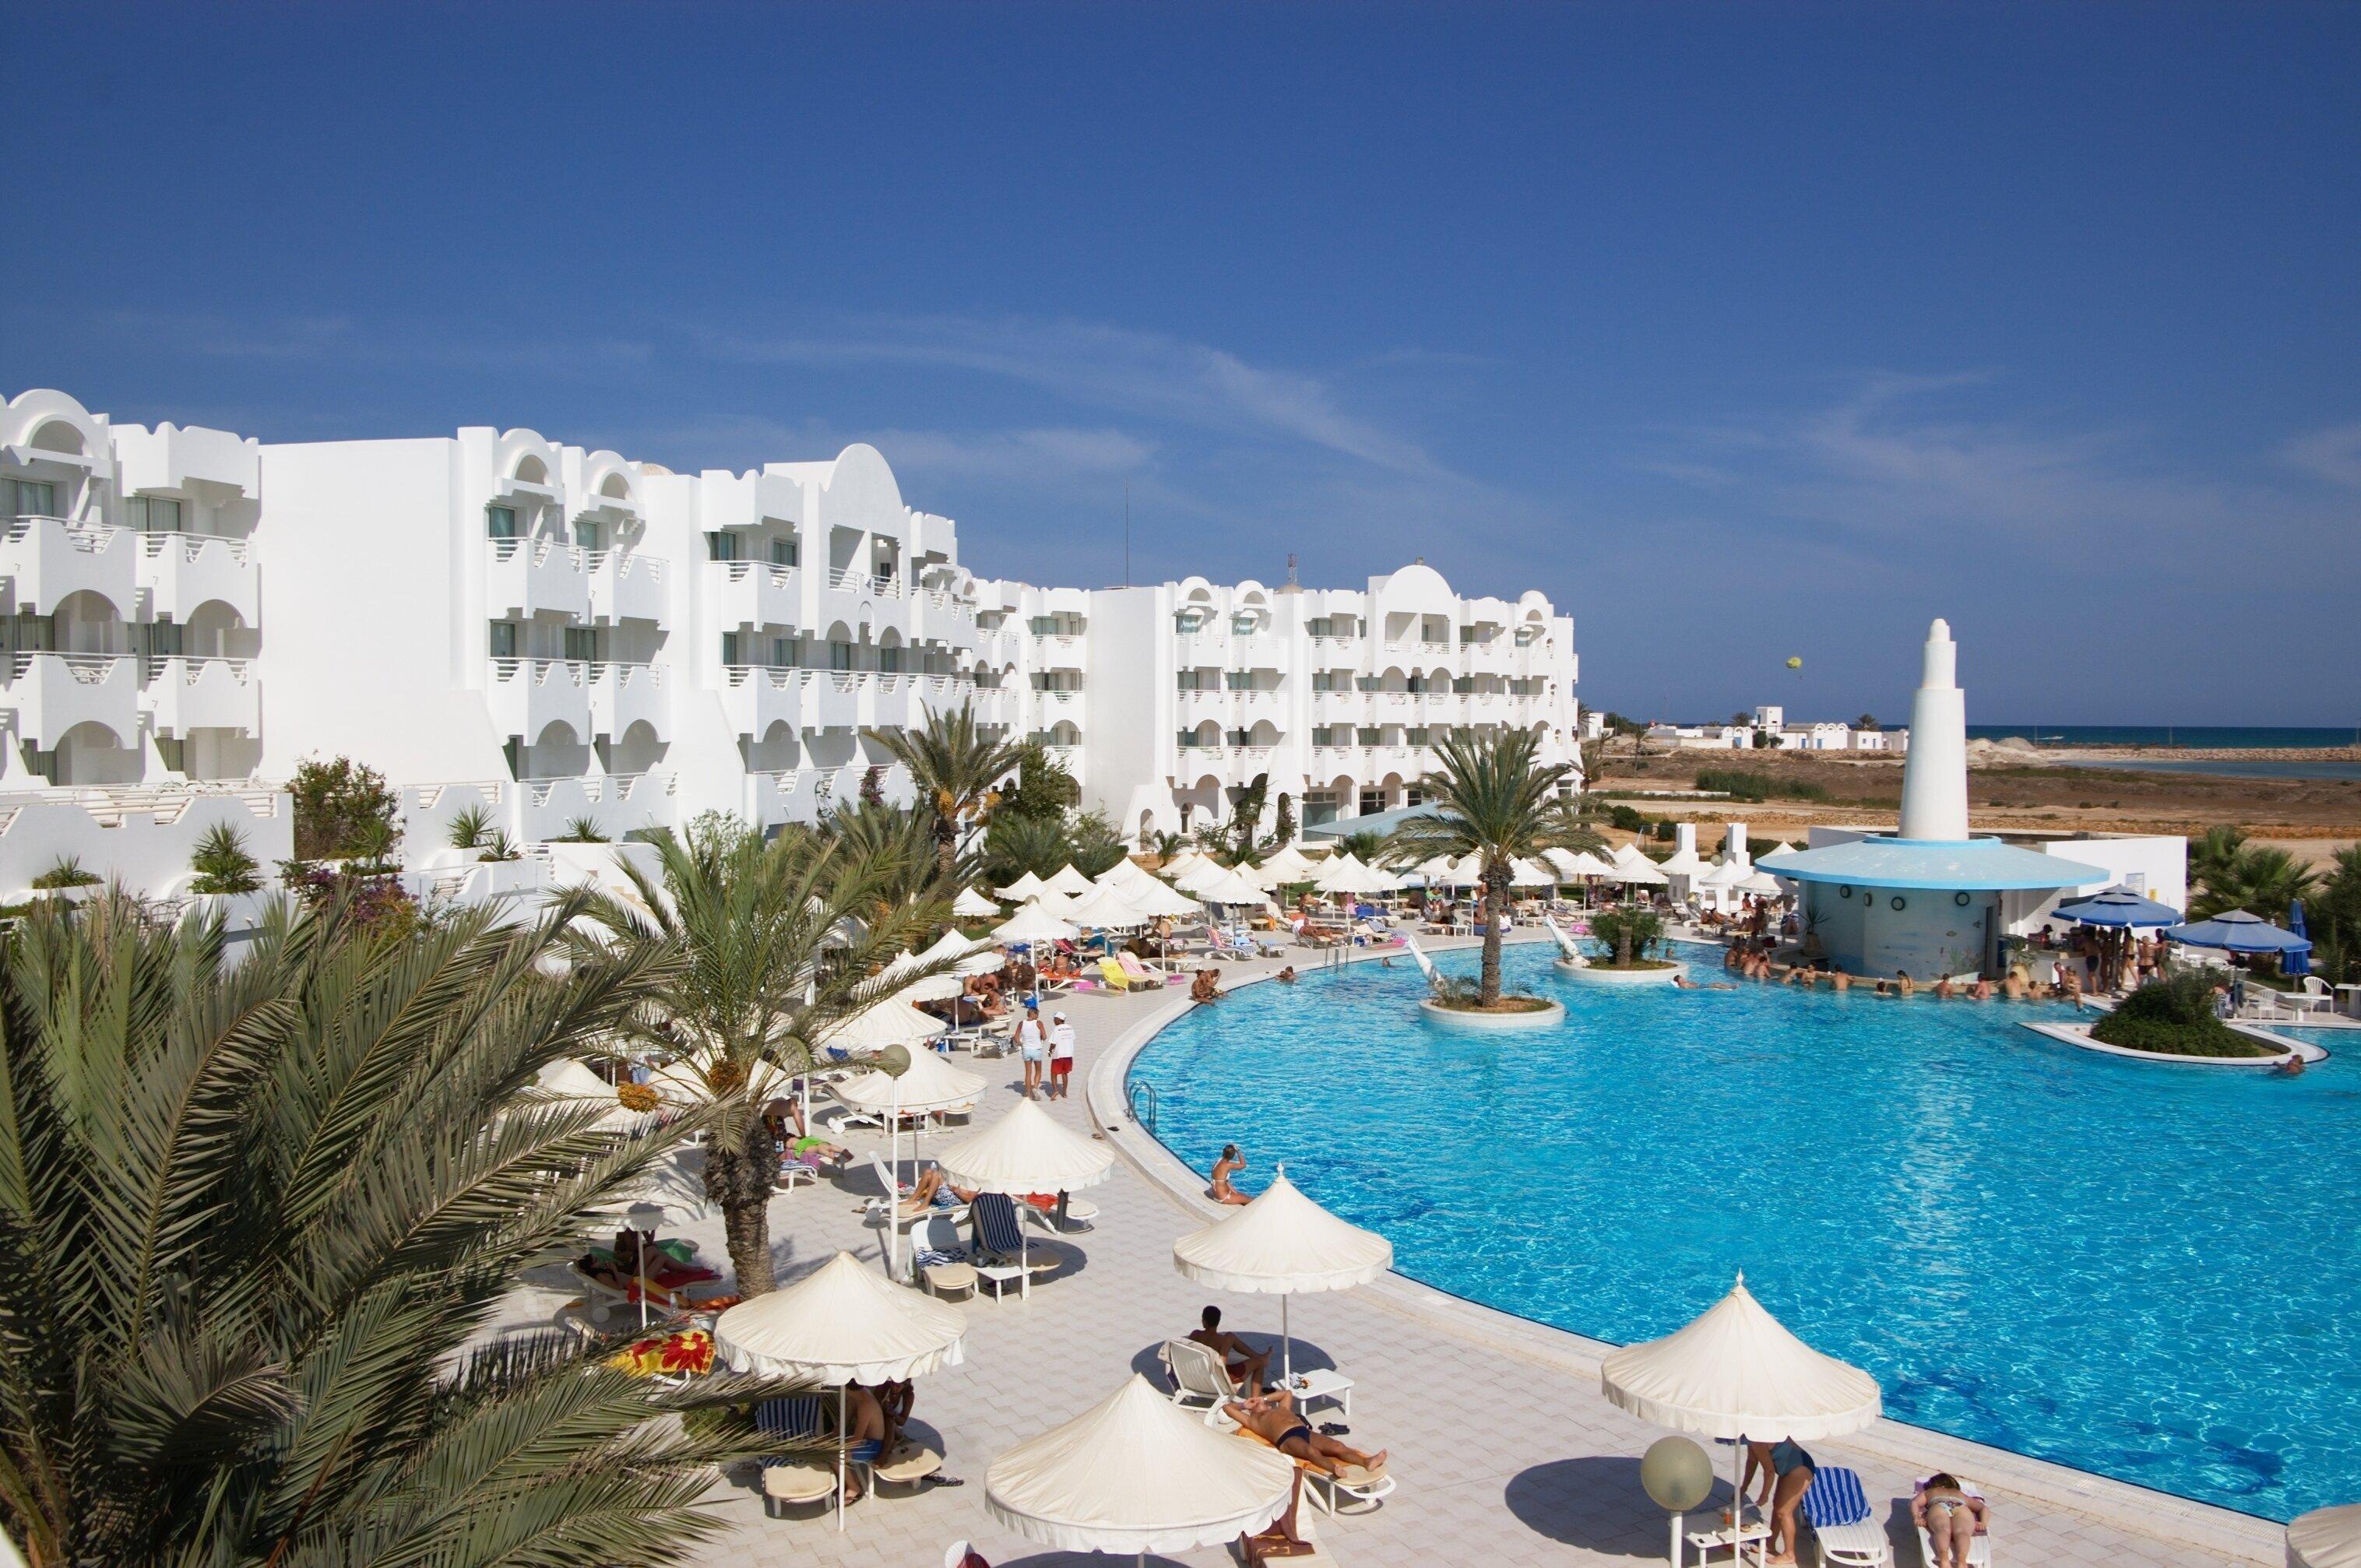 Développement hôtelier en Afrique: La Tunisie est moins bien lotie que l'Egypte, le Maroc et